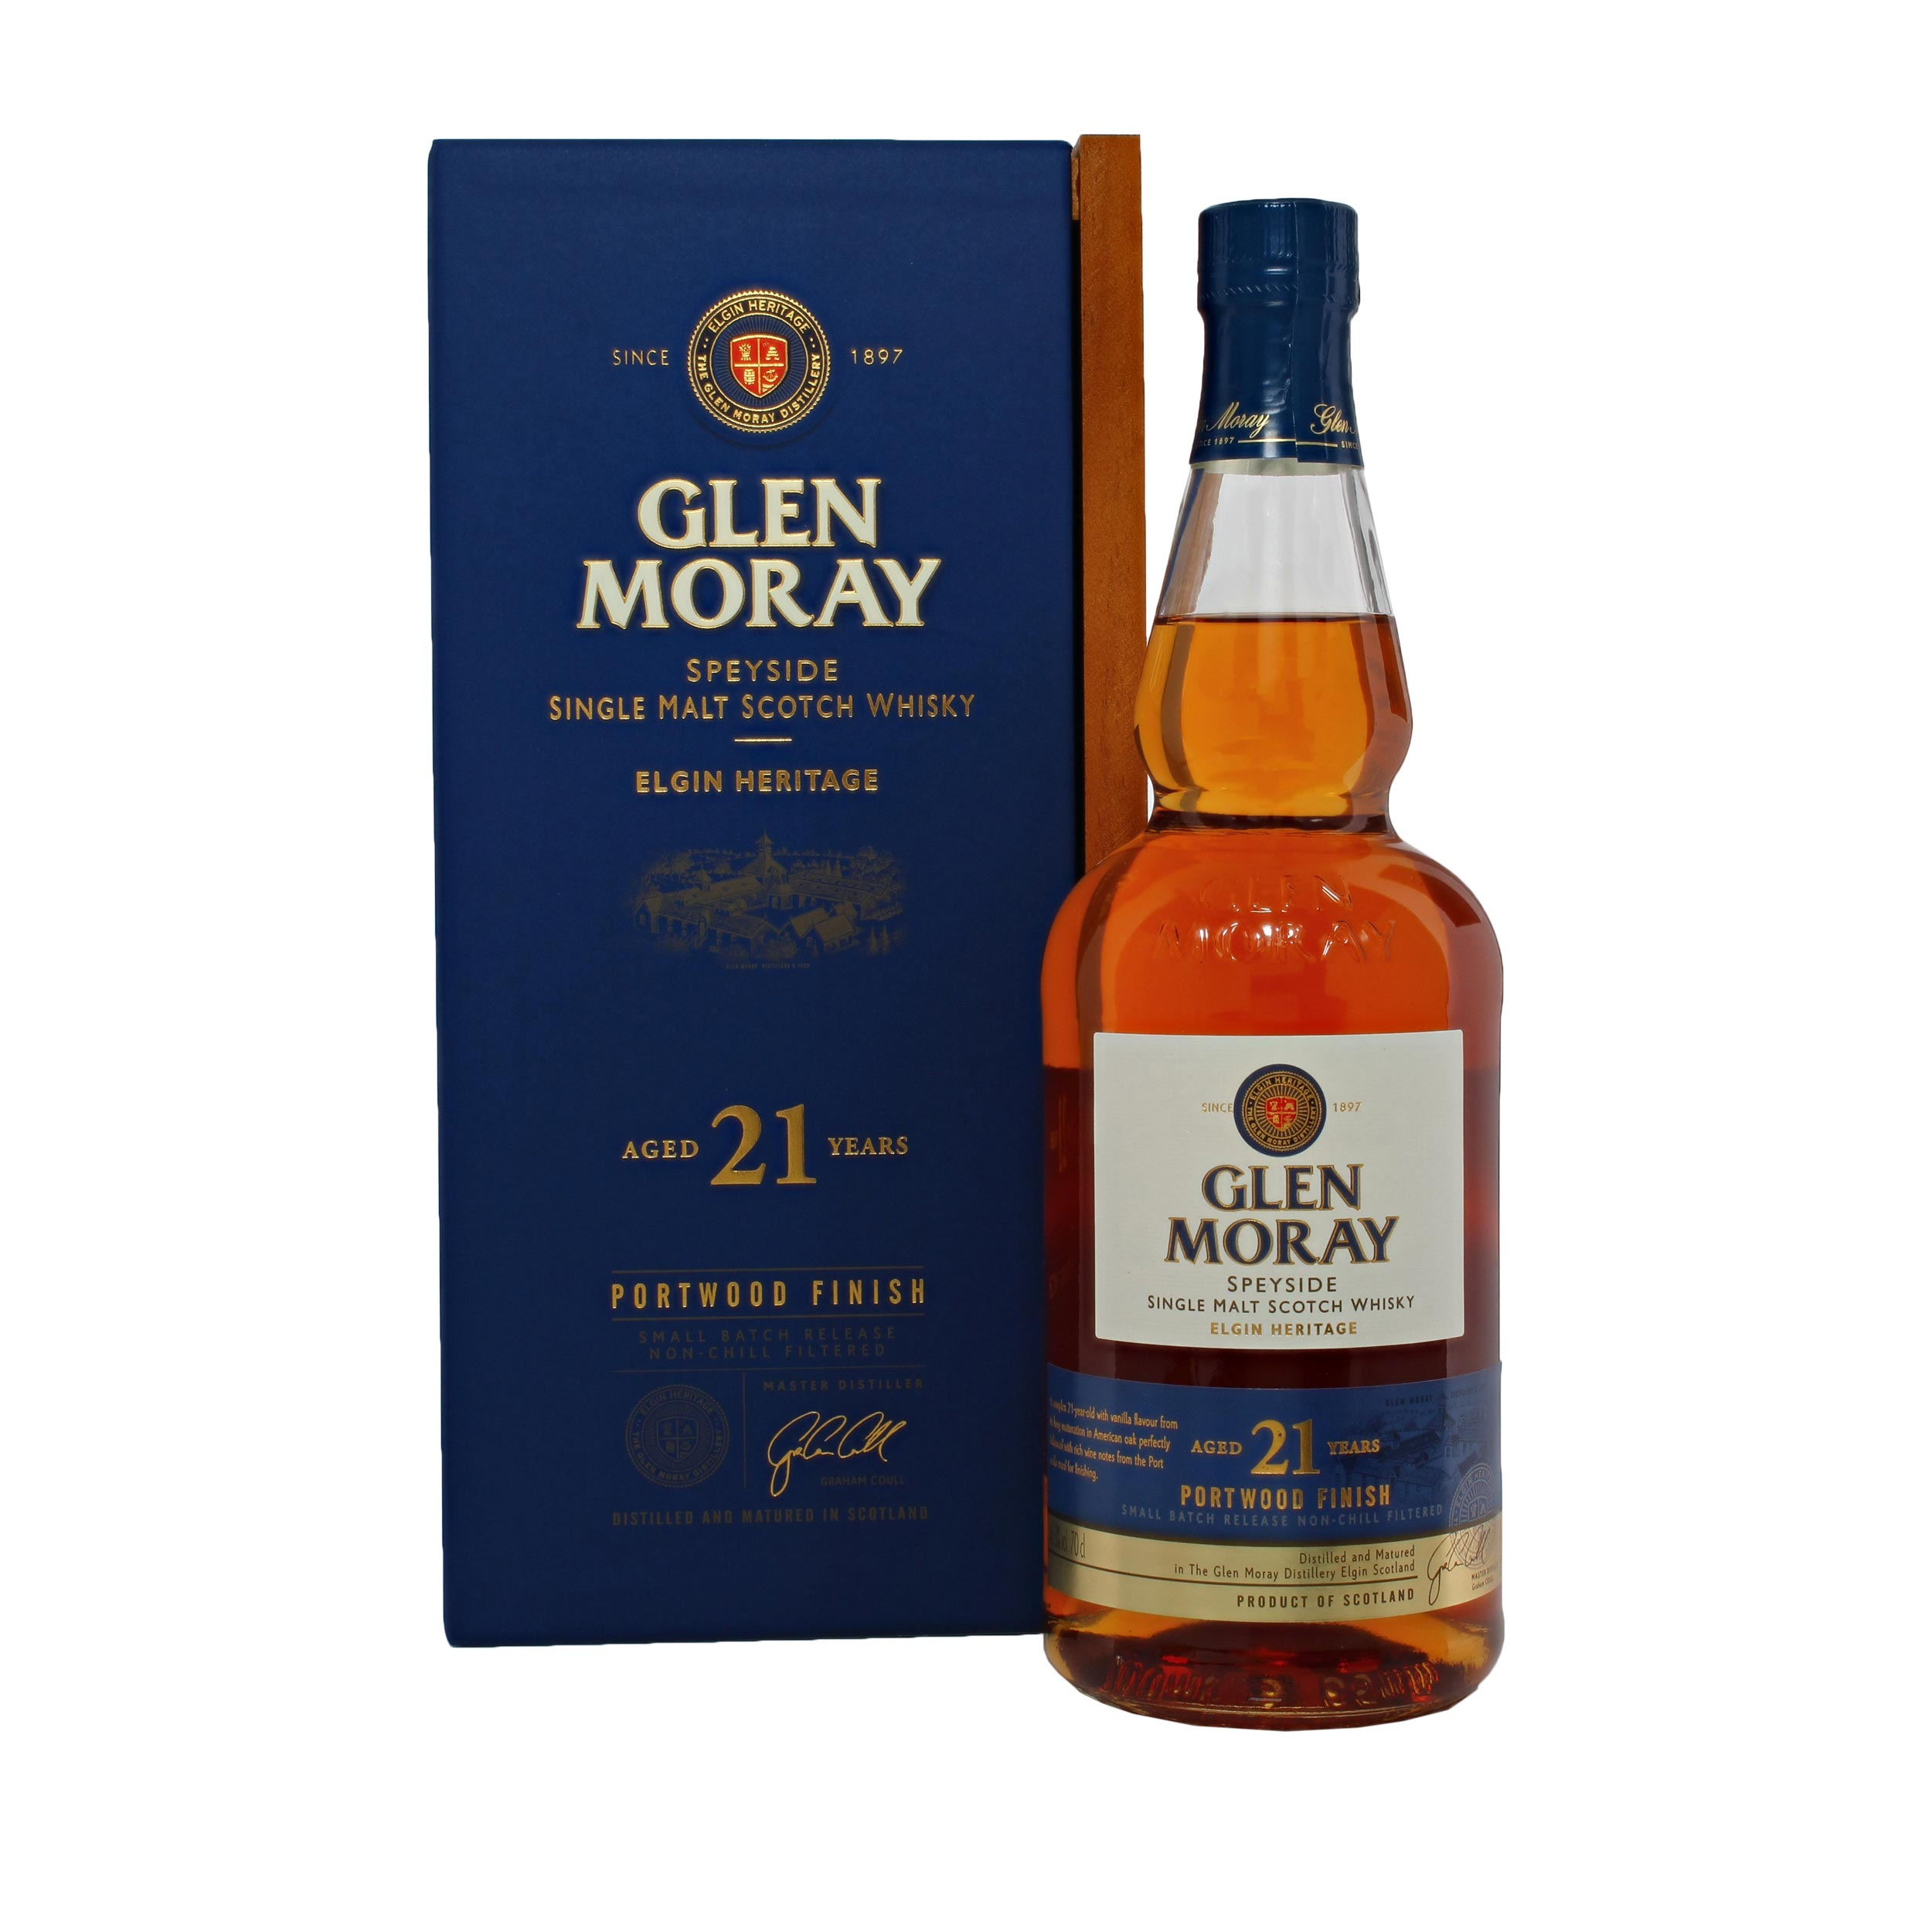 Glen Moray 21 Year Old Speyside Single Malt Scotch Whisky 70cl